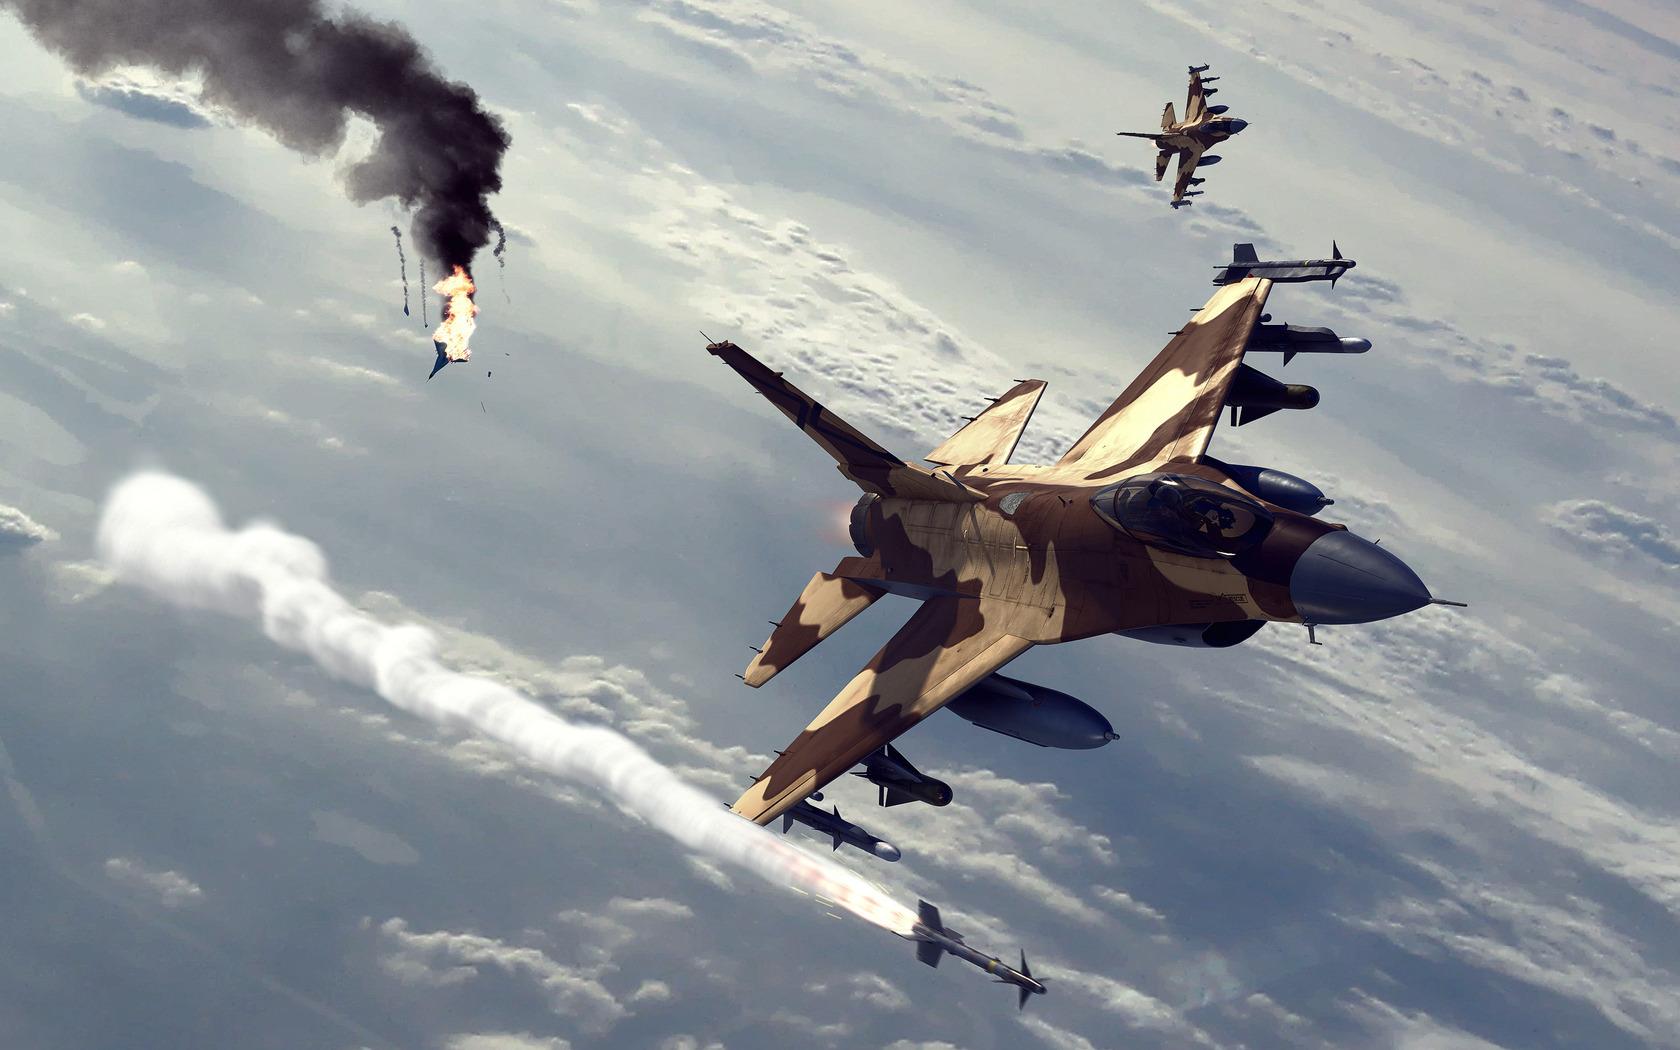 Ataques de aviones - 1680x1050